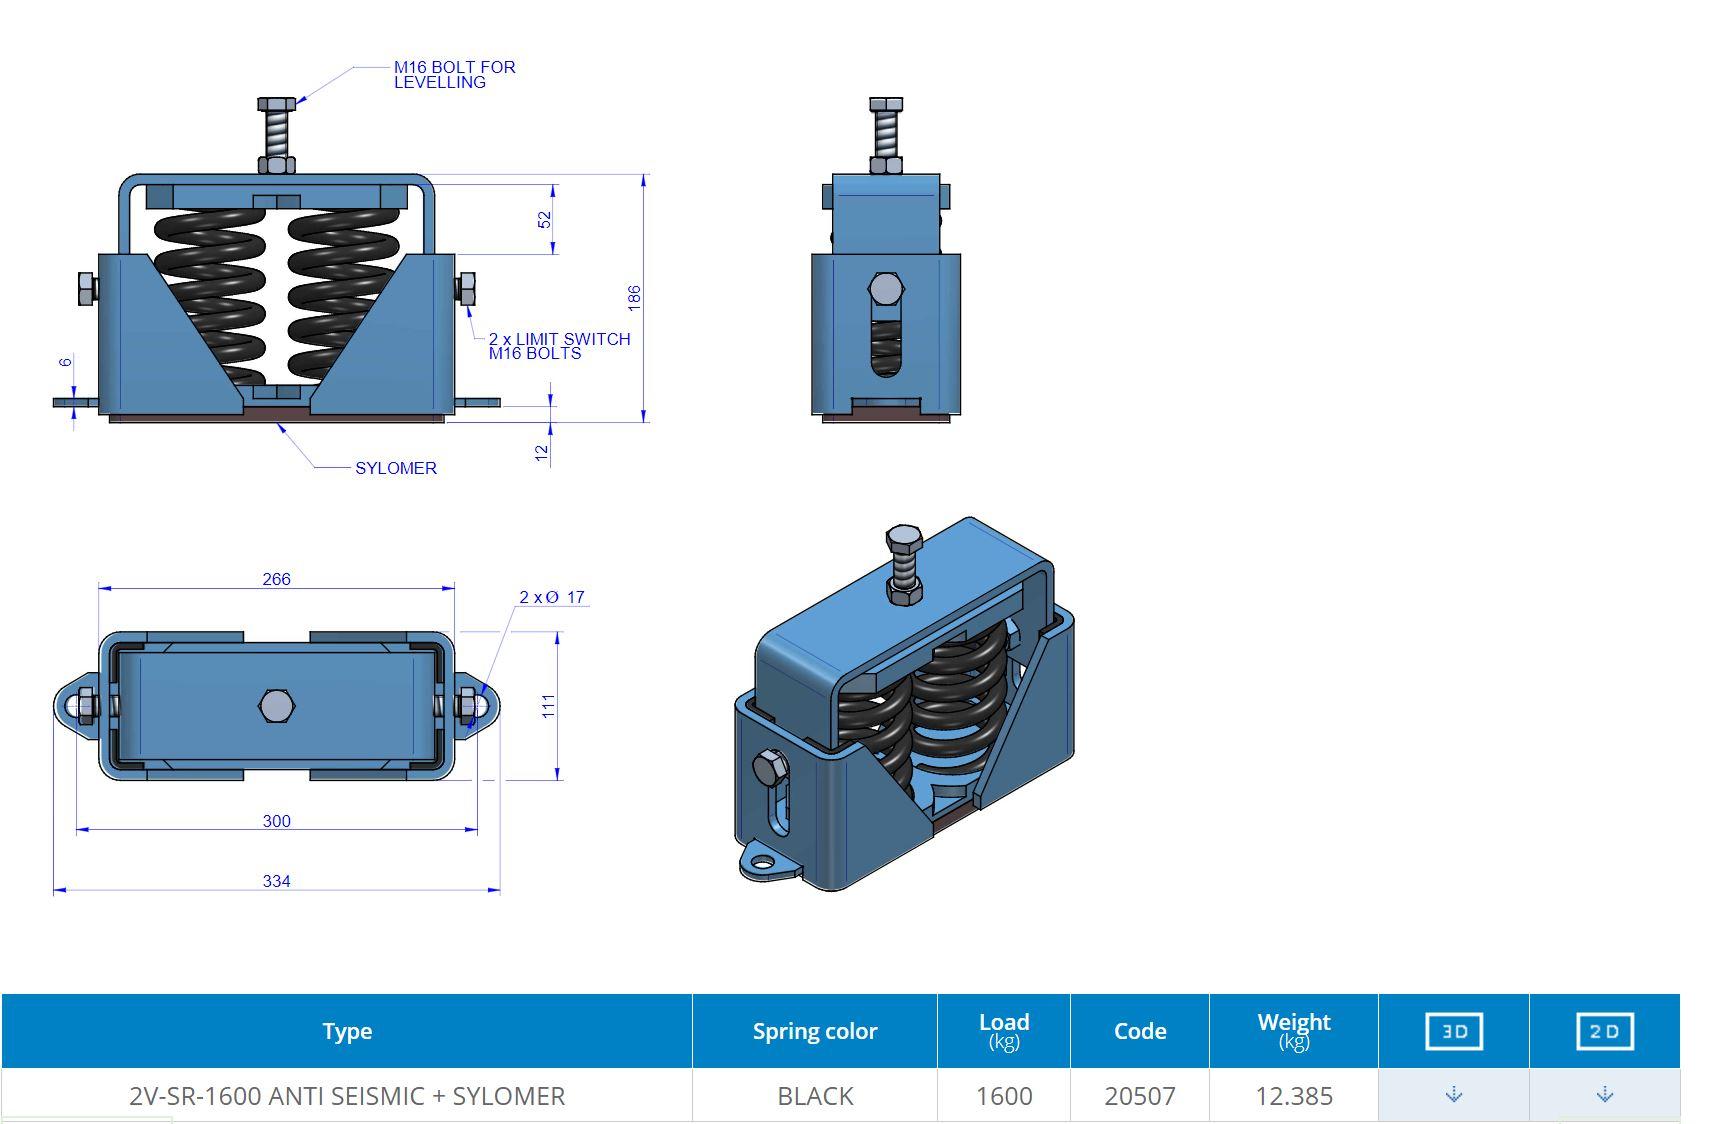 2V-SR-1600 ANTI SEISMIC + SYLOMER